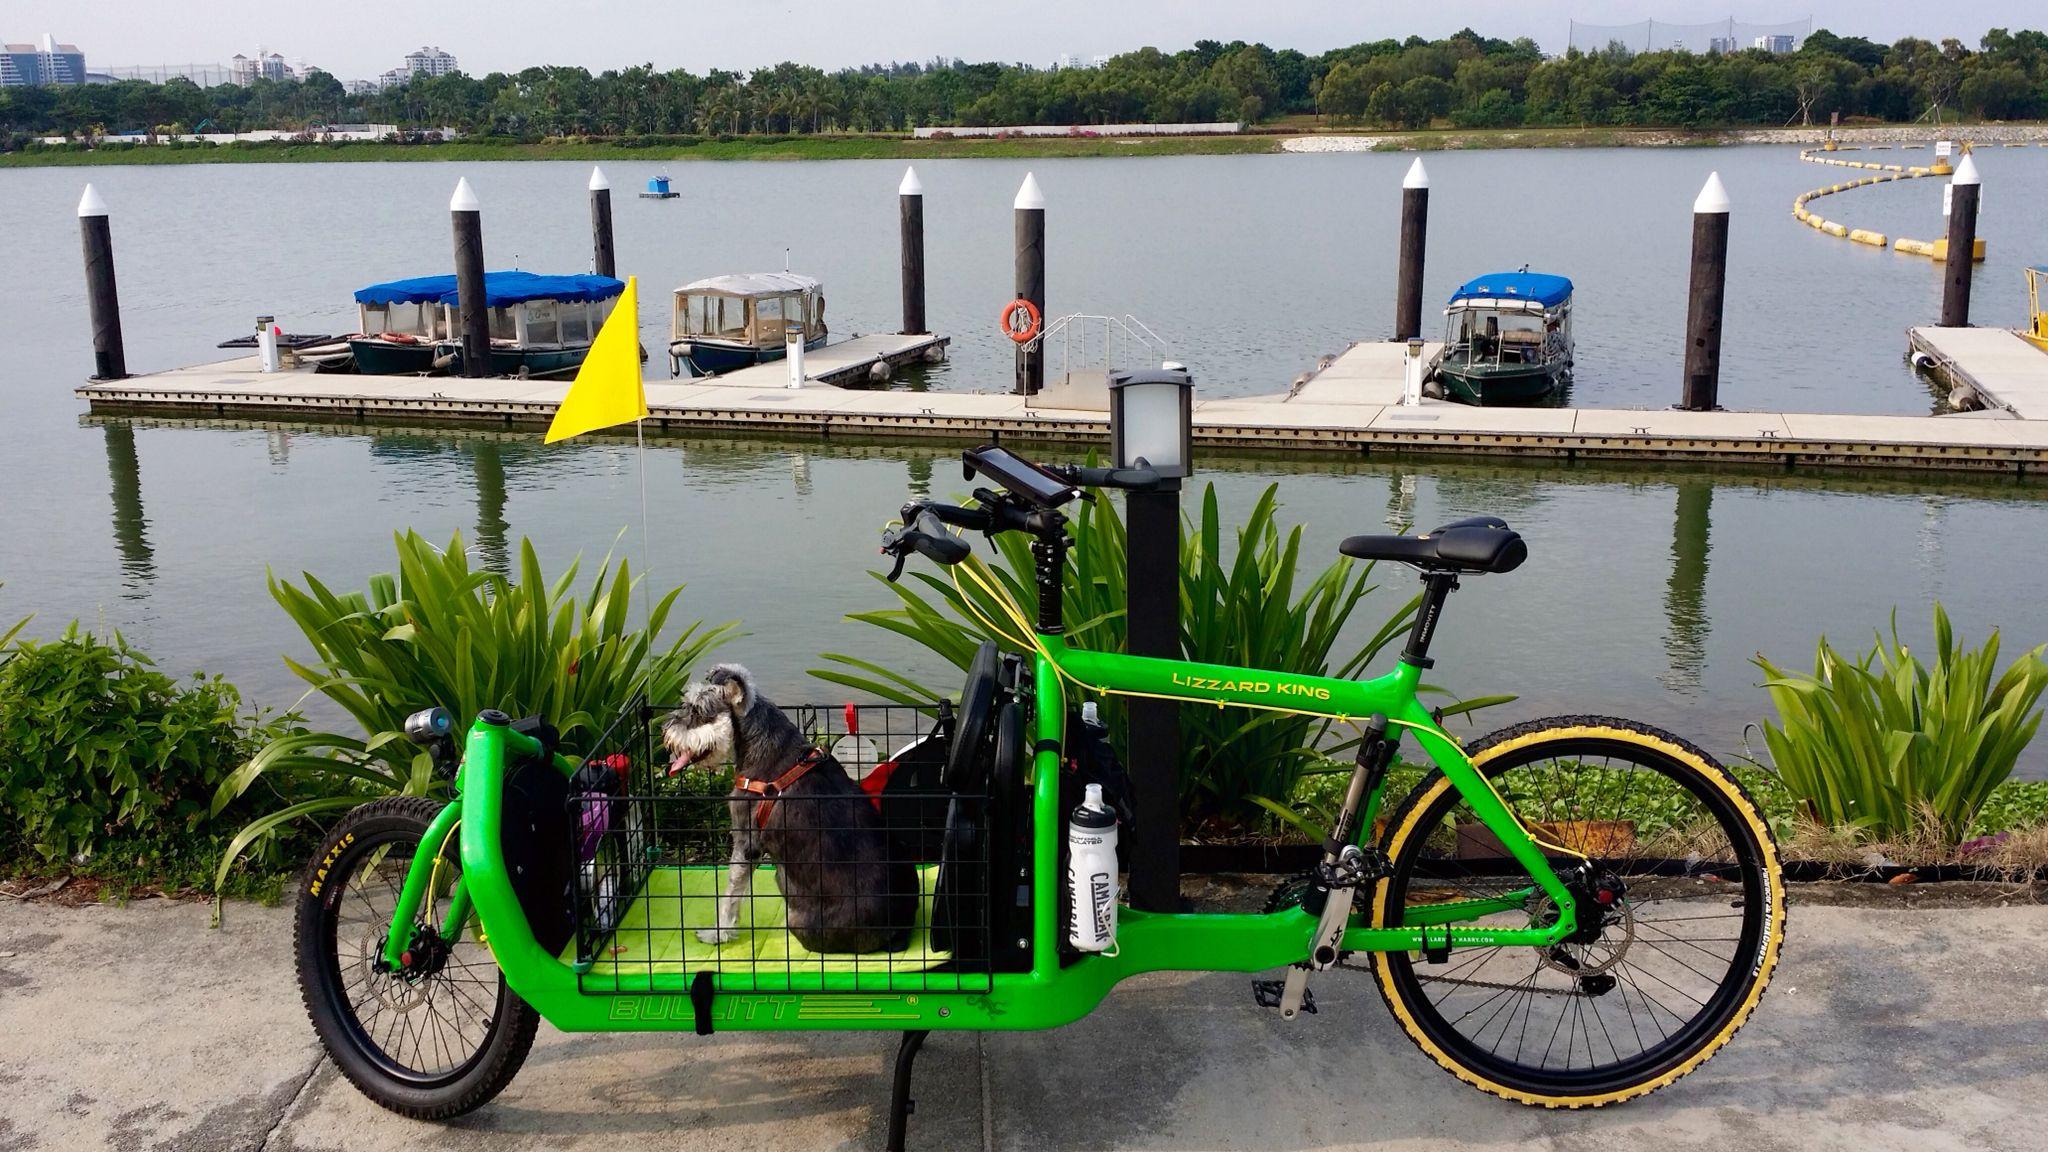 Bullit Lizard King Cargo Bike